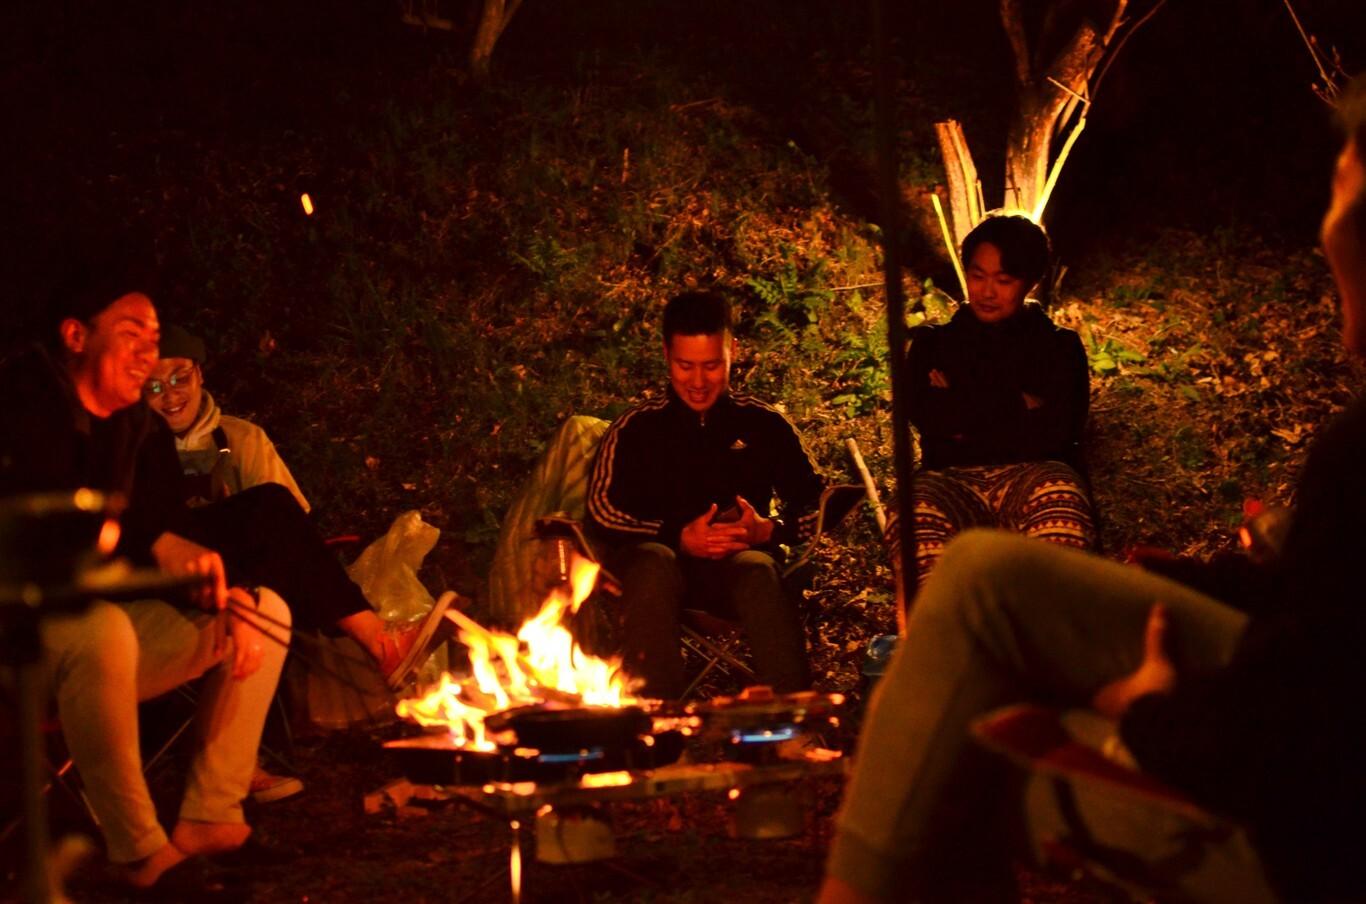 わらび平森林公園キャンプ場 の写真p8241